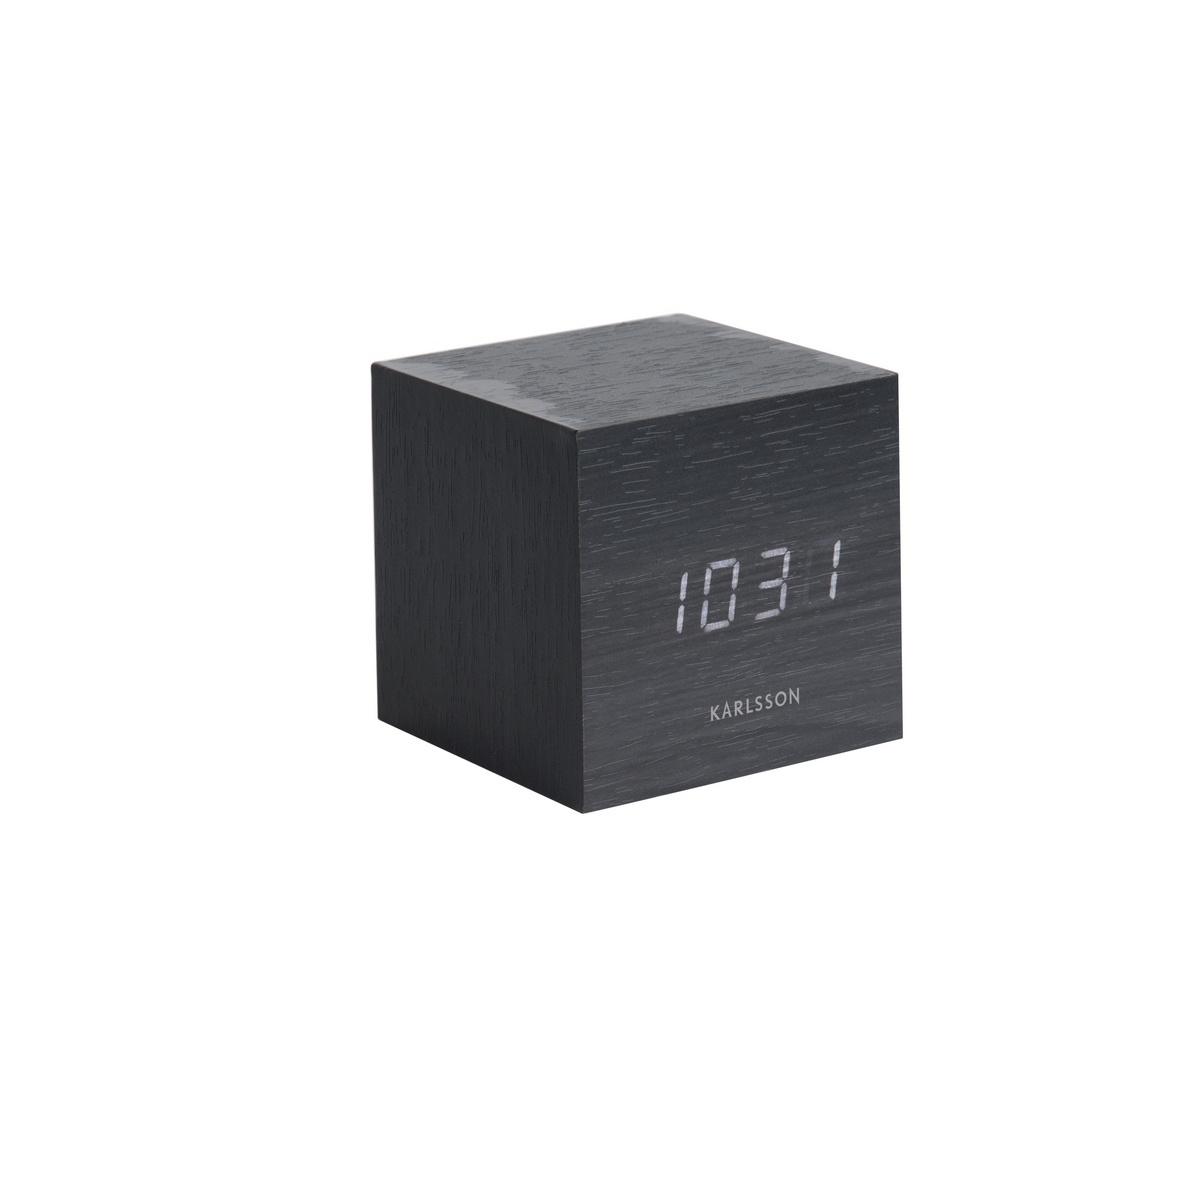 Karlsson 5655BK Designové LED stolní hodiny s budíkem, 8 x 8 cm